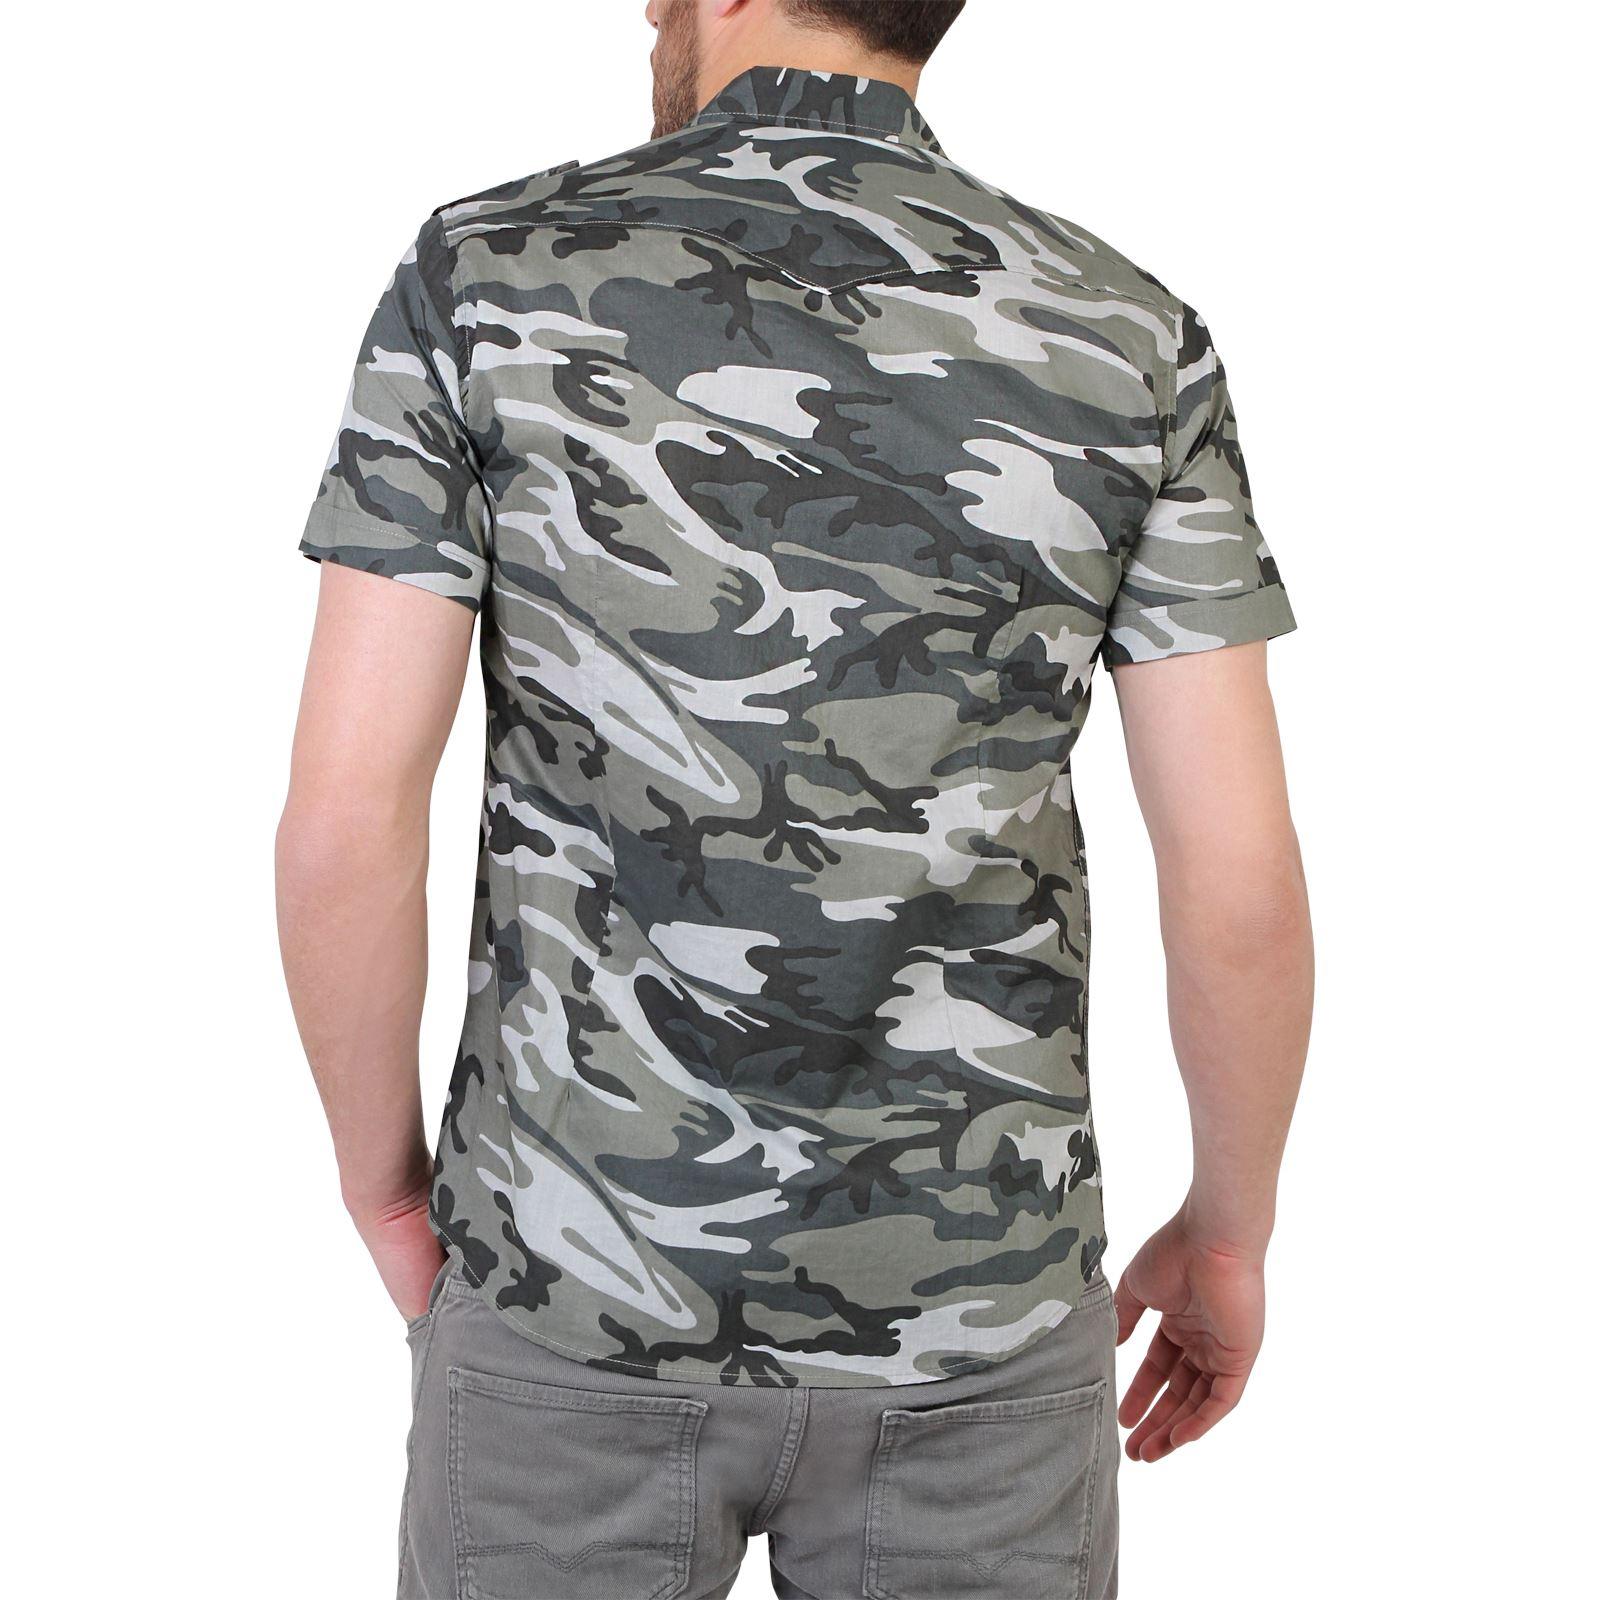 herren tarnfarben combat camouflage kurzarm sommer hemd baumwolle s m l xl xxl ebay. Black Bedroom Furniture Sets. Home Design Ideas